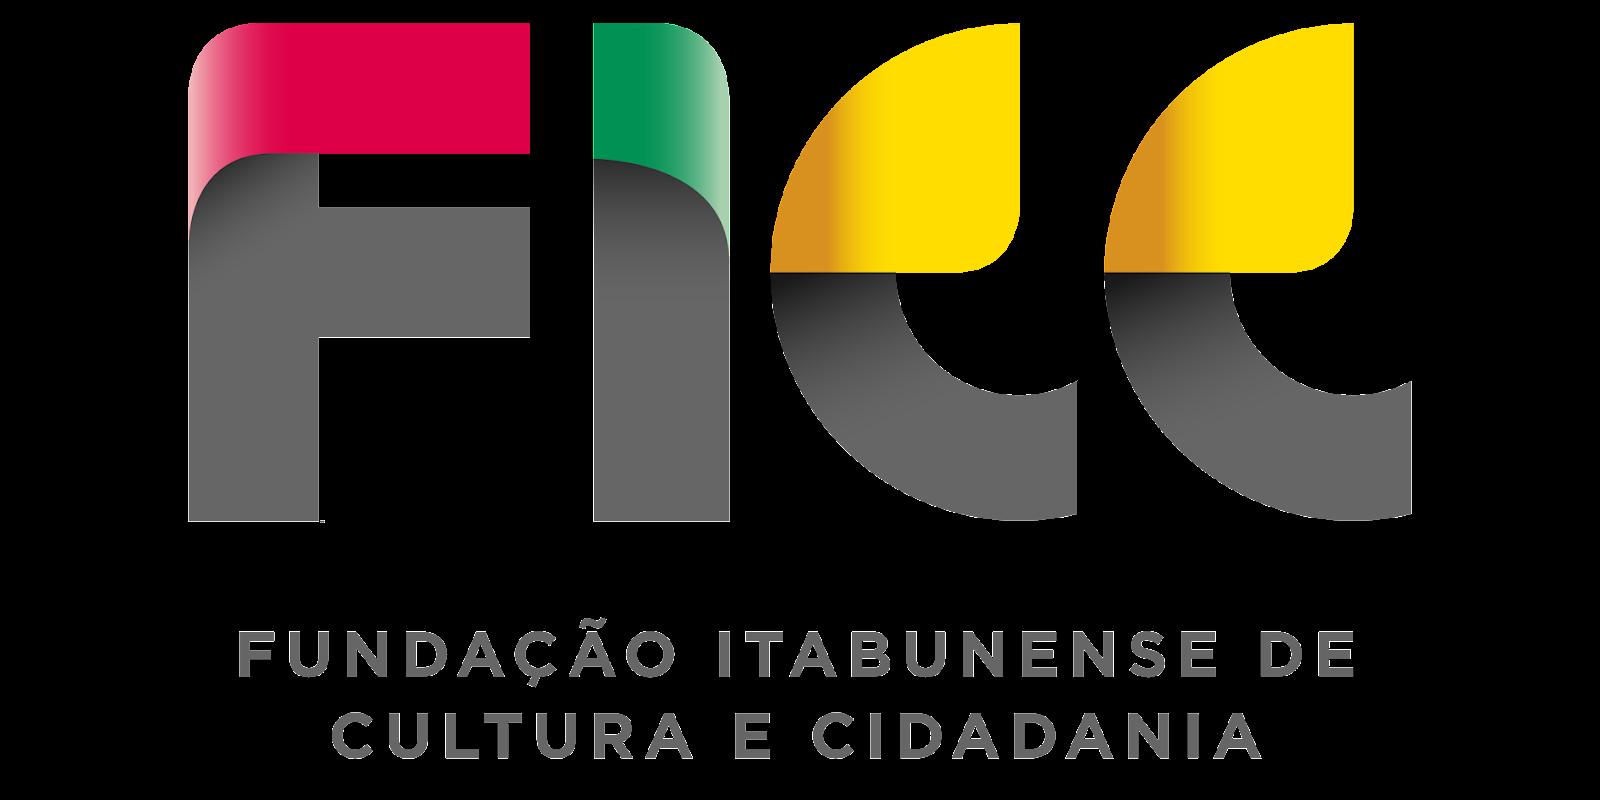 FICC - Fundação Itabunense de Cultura e Cidadania